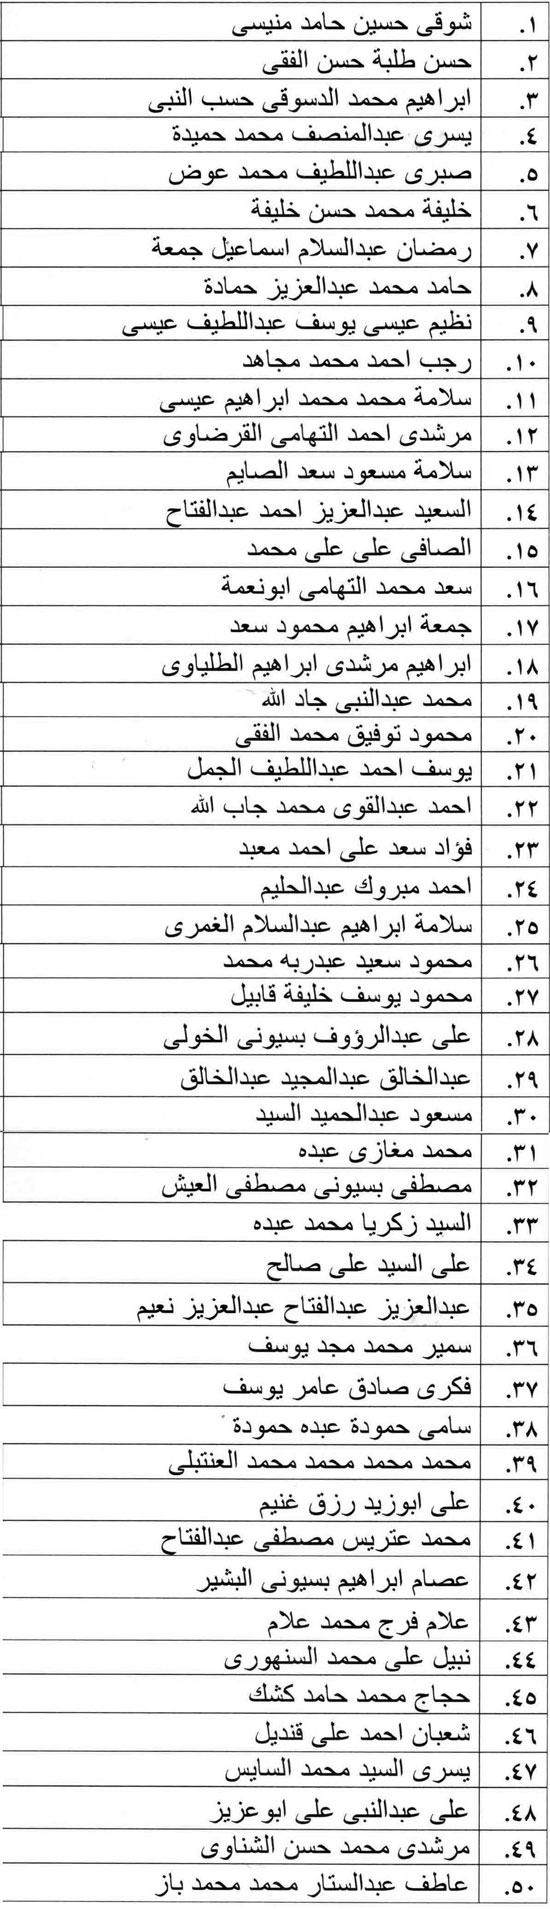 الفائزين بمسابقة وزارة الأوقاف (1)